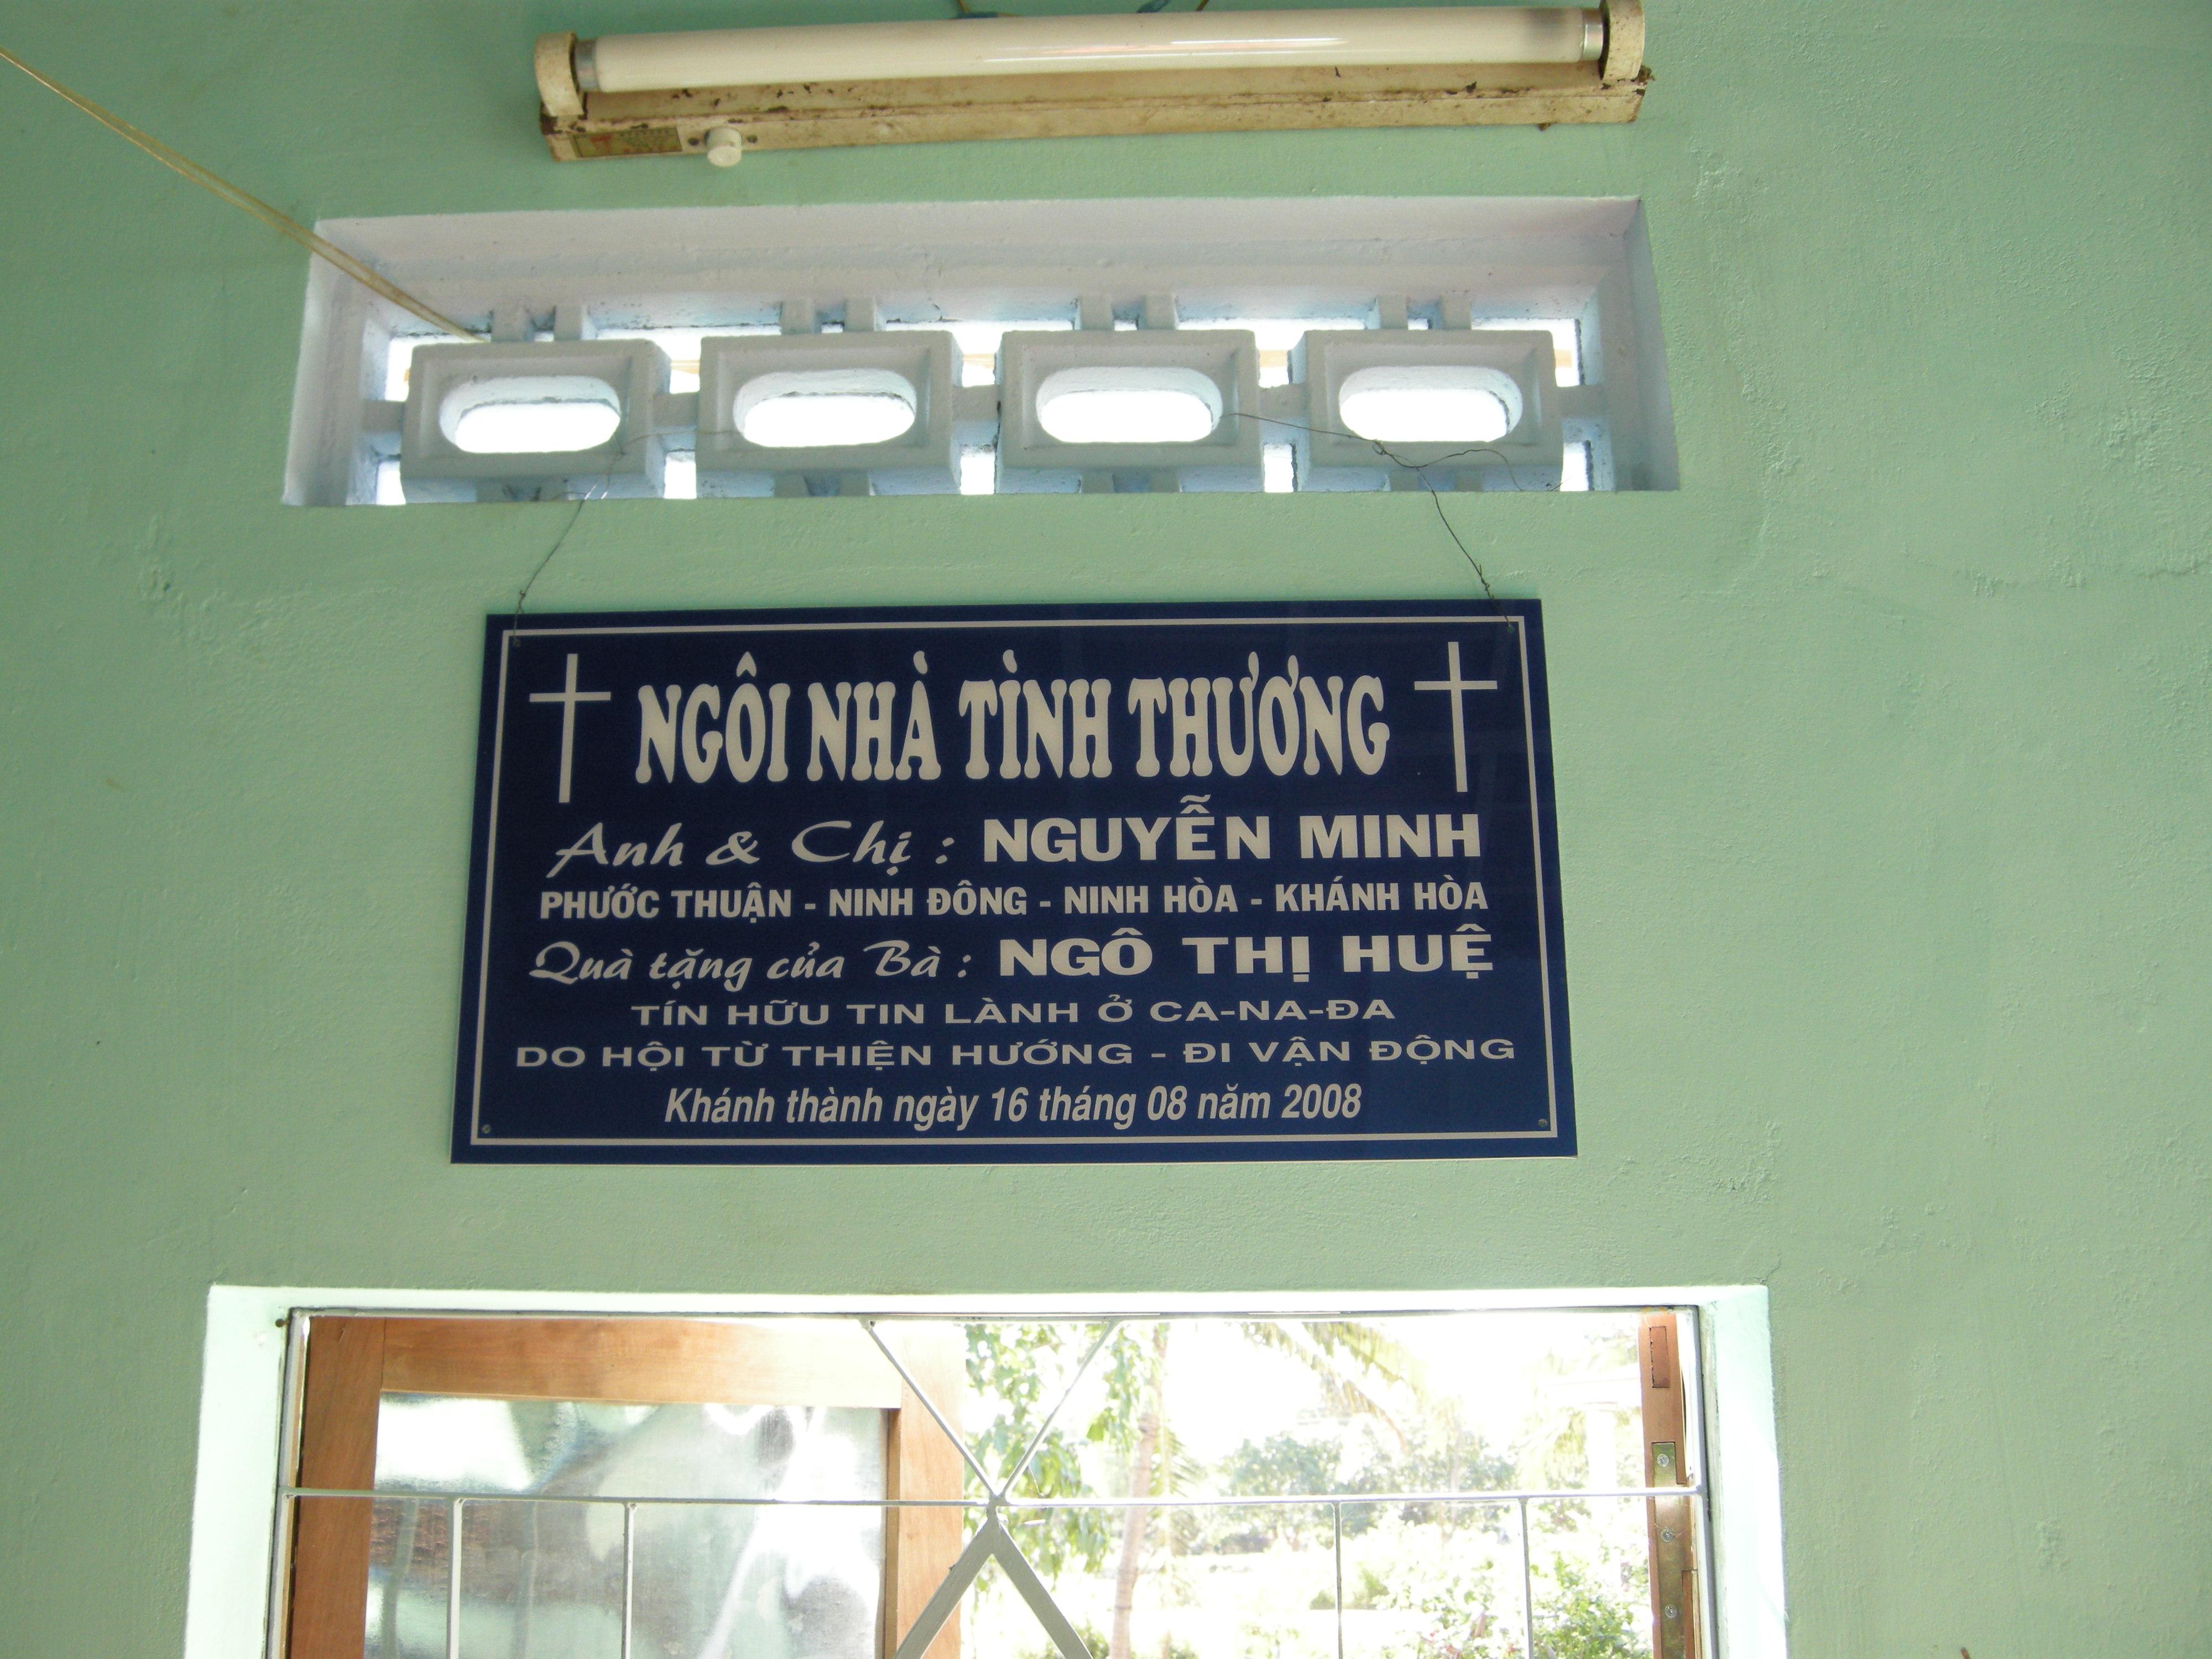 BANG NHA 3 MINH NINH HOA